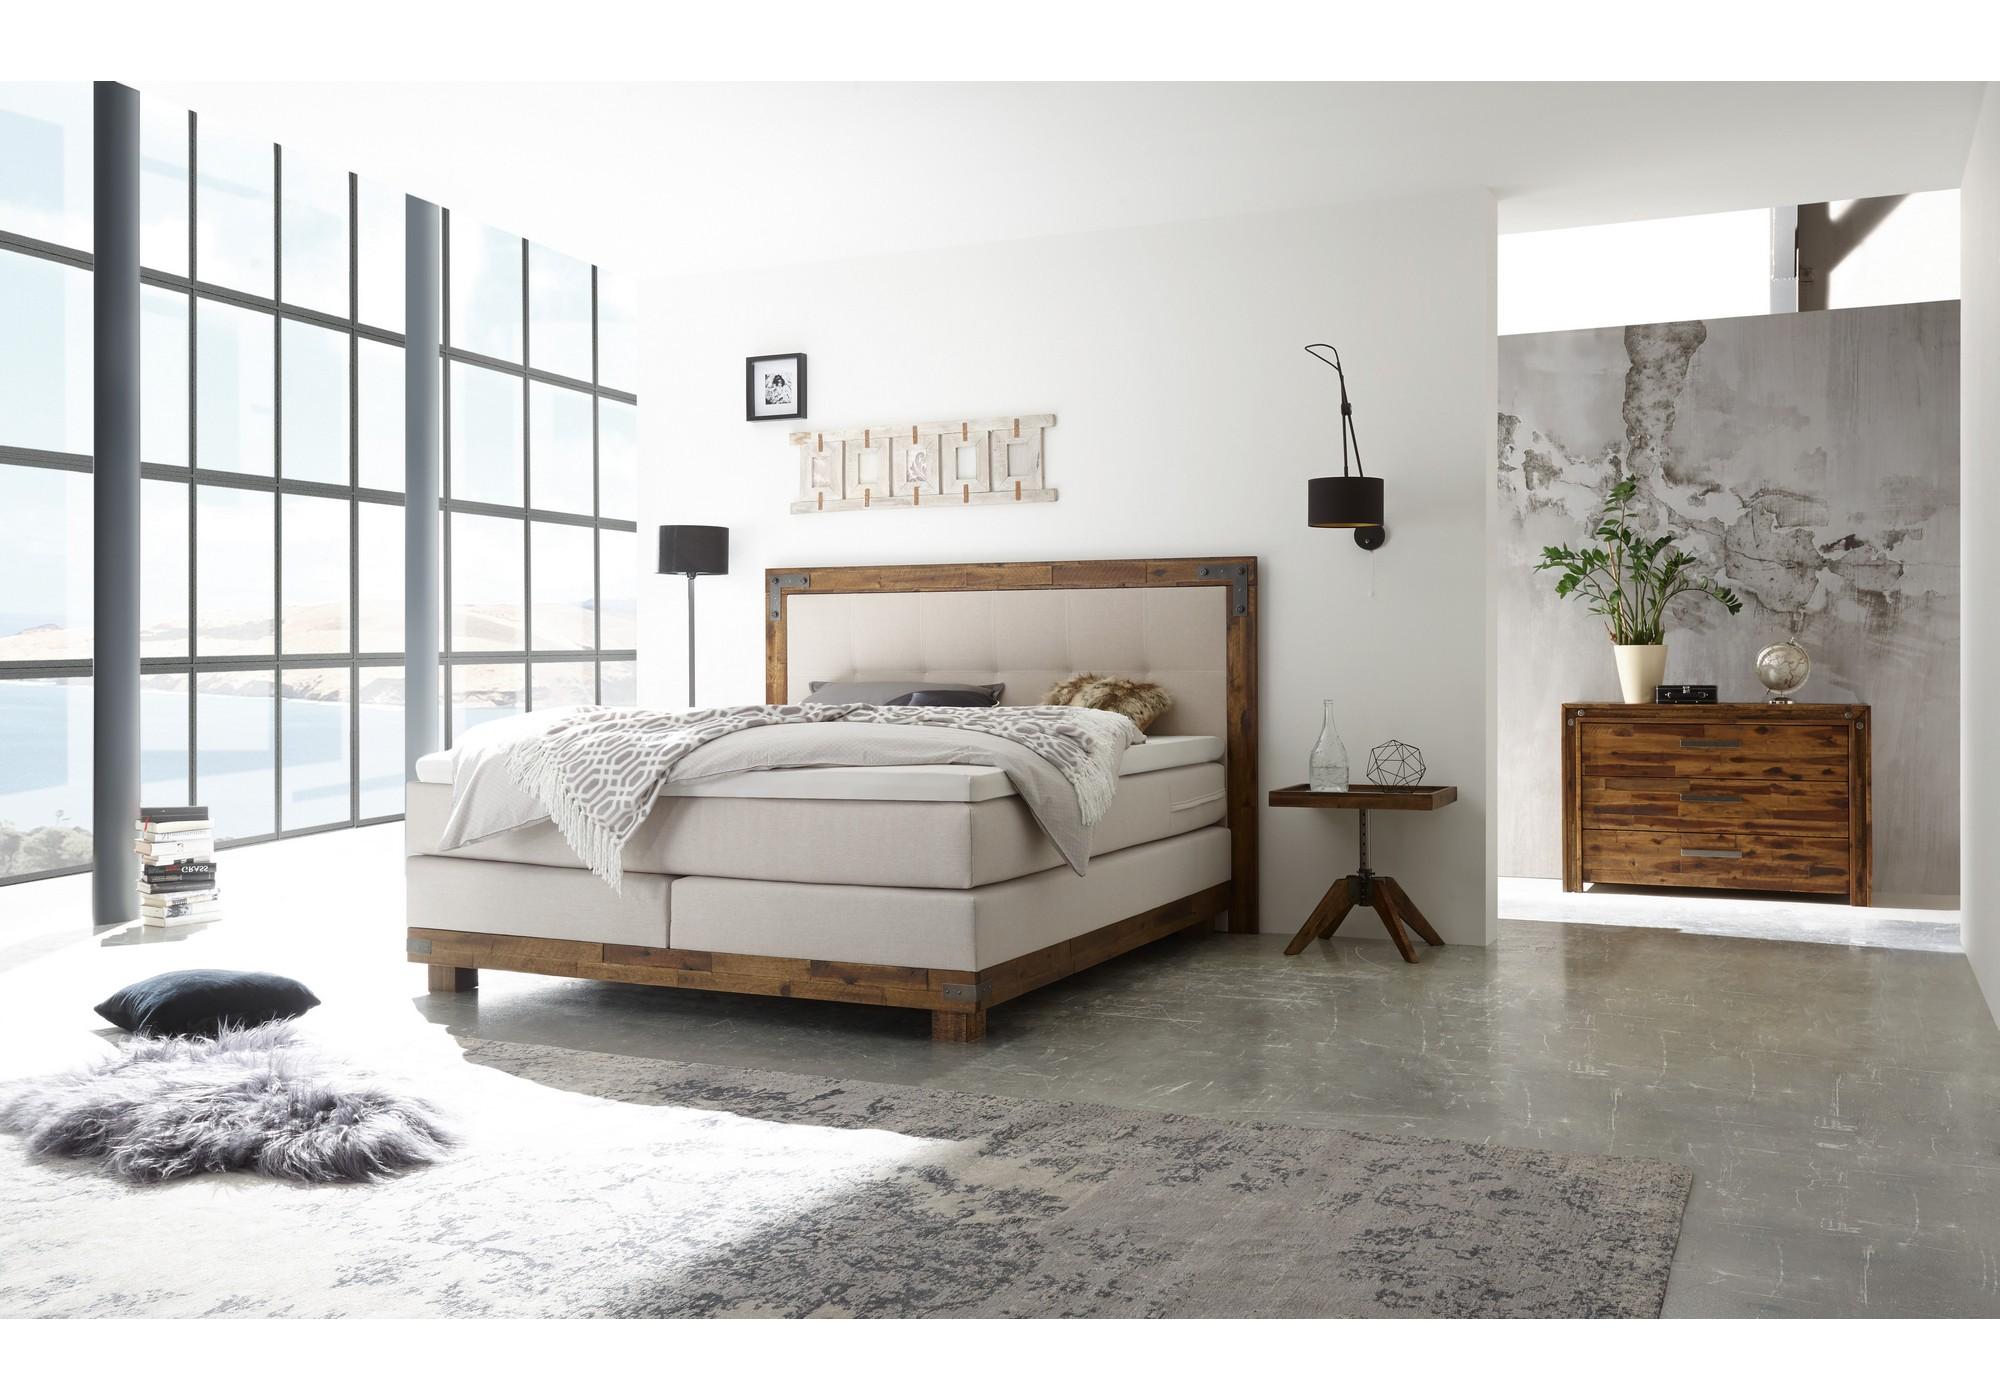 hasena schlafzimmer leichte sommer bettdecken bettw sche hip baby set mit himmel. Black Bedroom Furniture Sets. Home Design Ideas